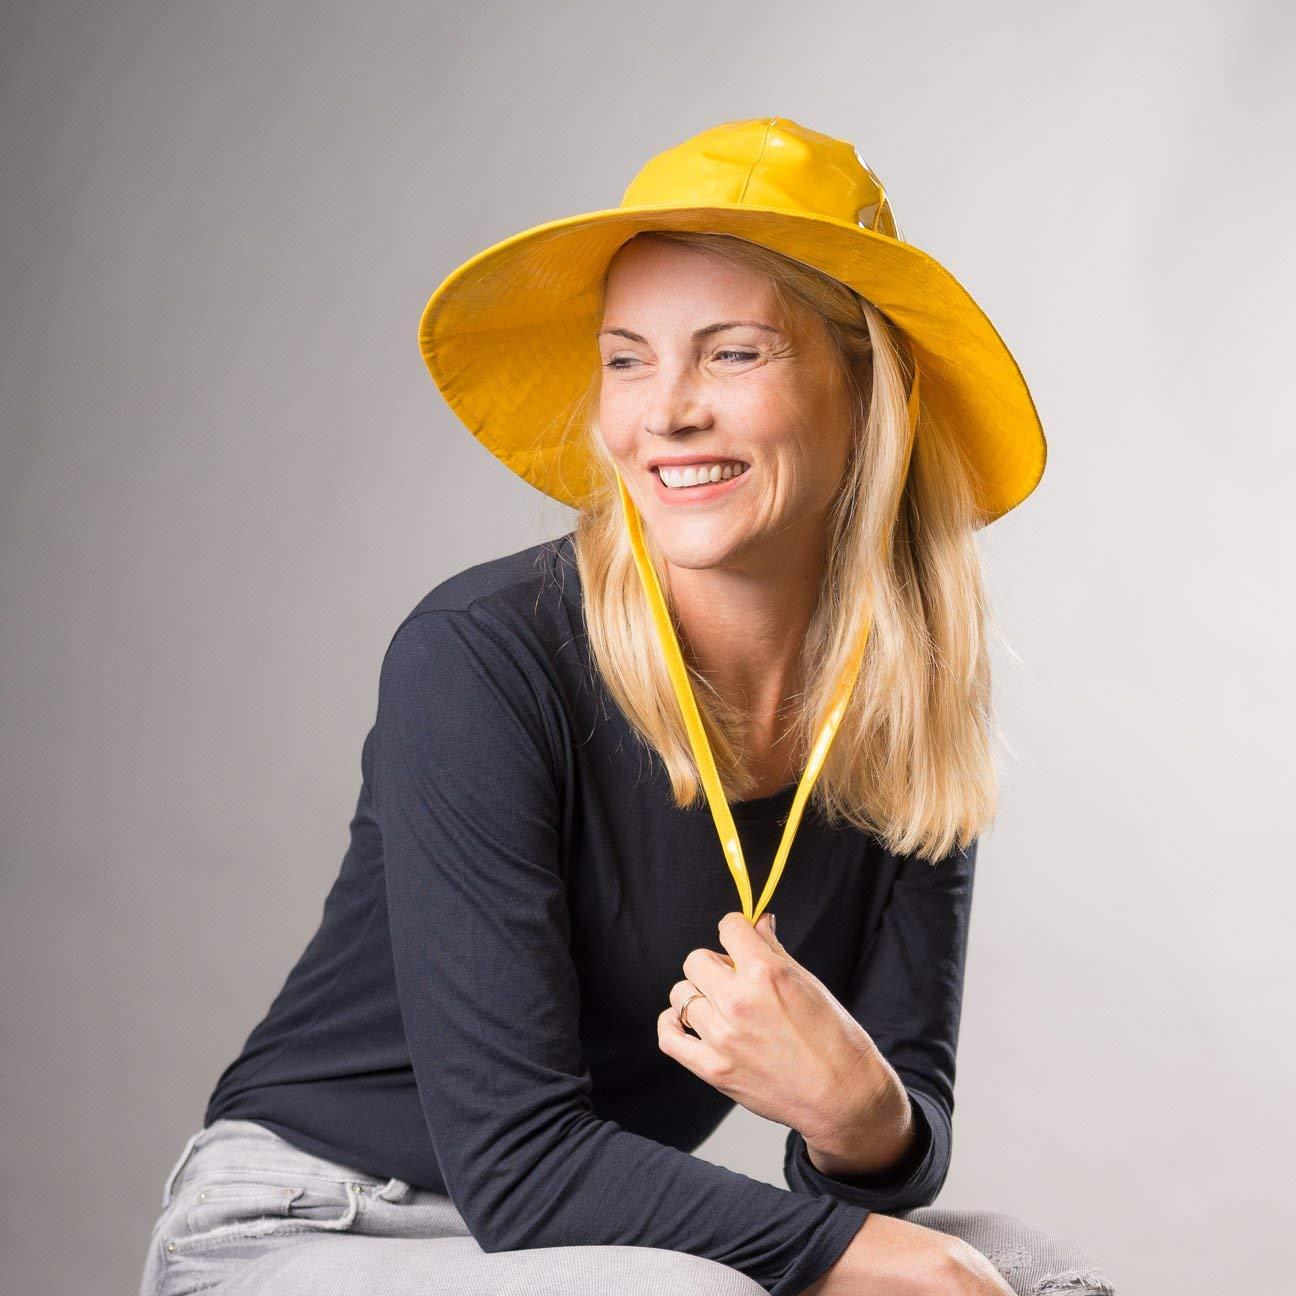 Cappello Antipioggia Floppy McBURN cappello laccato sottogola One Size -  bianco  Amazon.it  Abbigliamento 5f27b696e85f